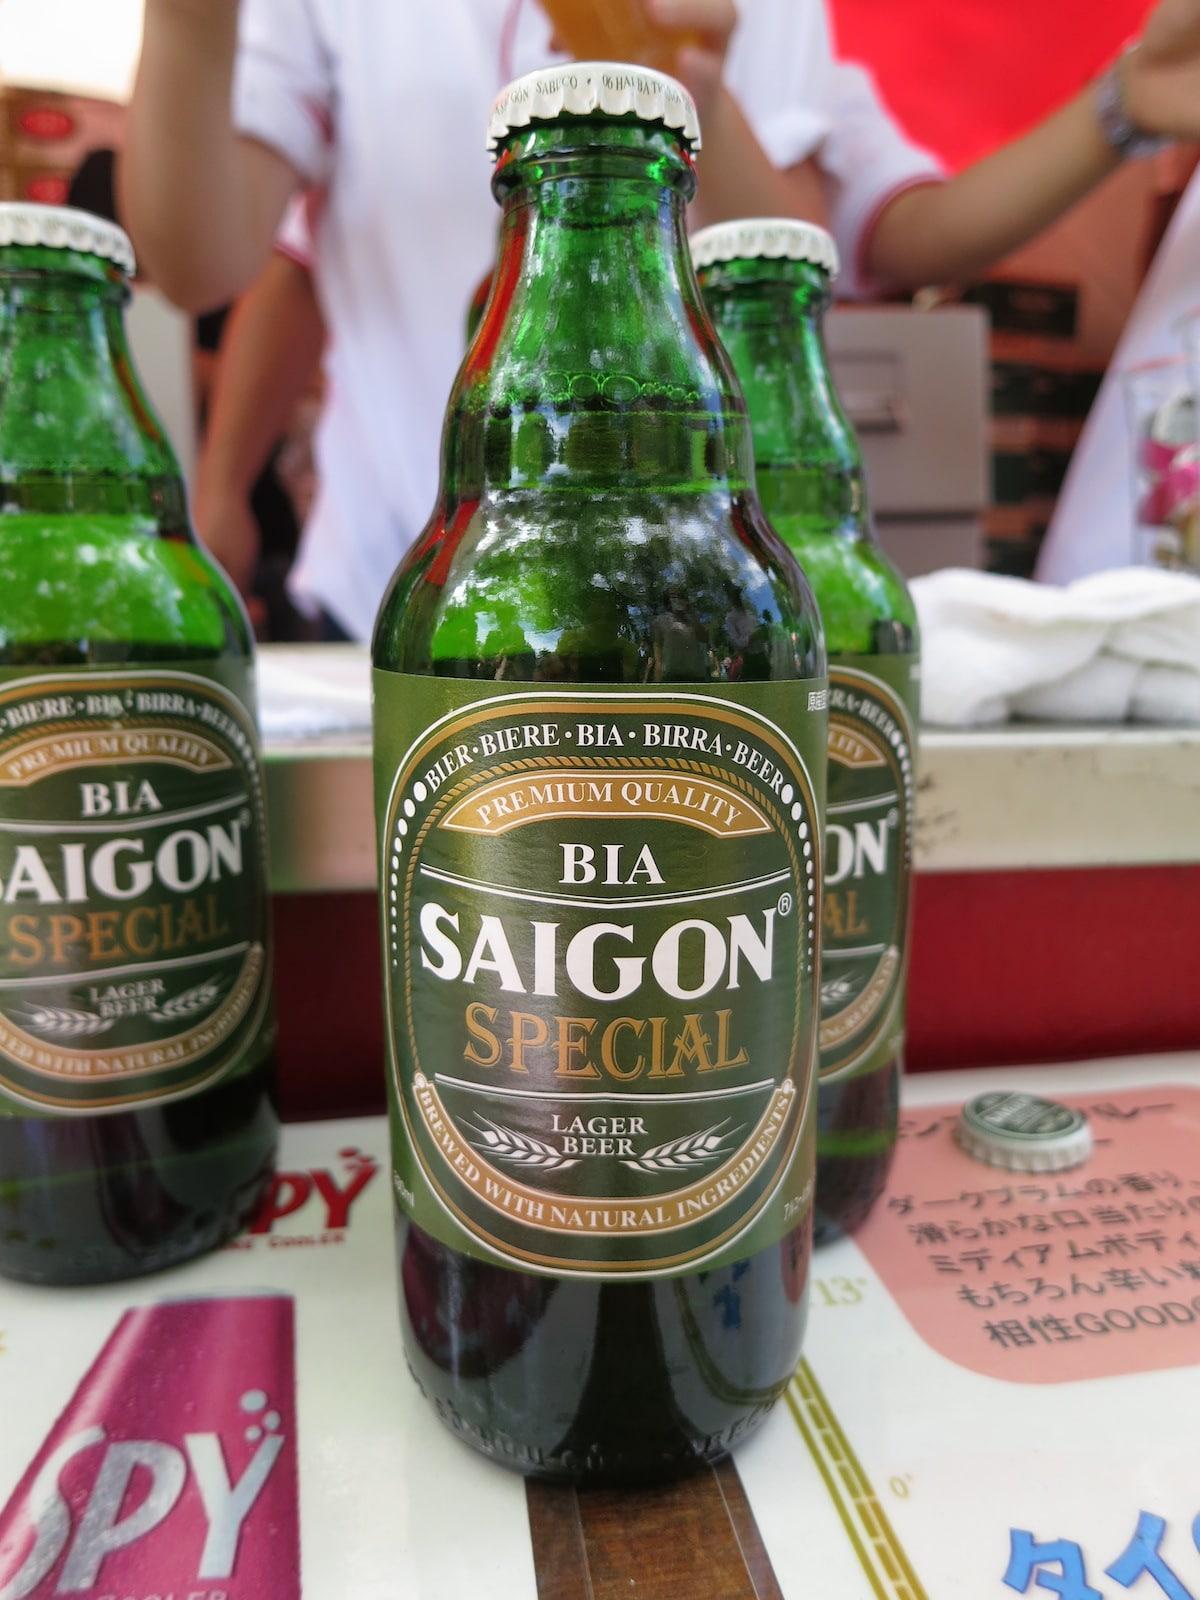 Bia Saigon Special Vietnam Beer Bottle